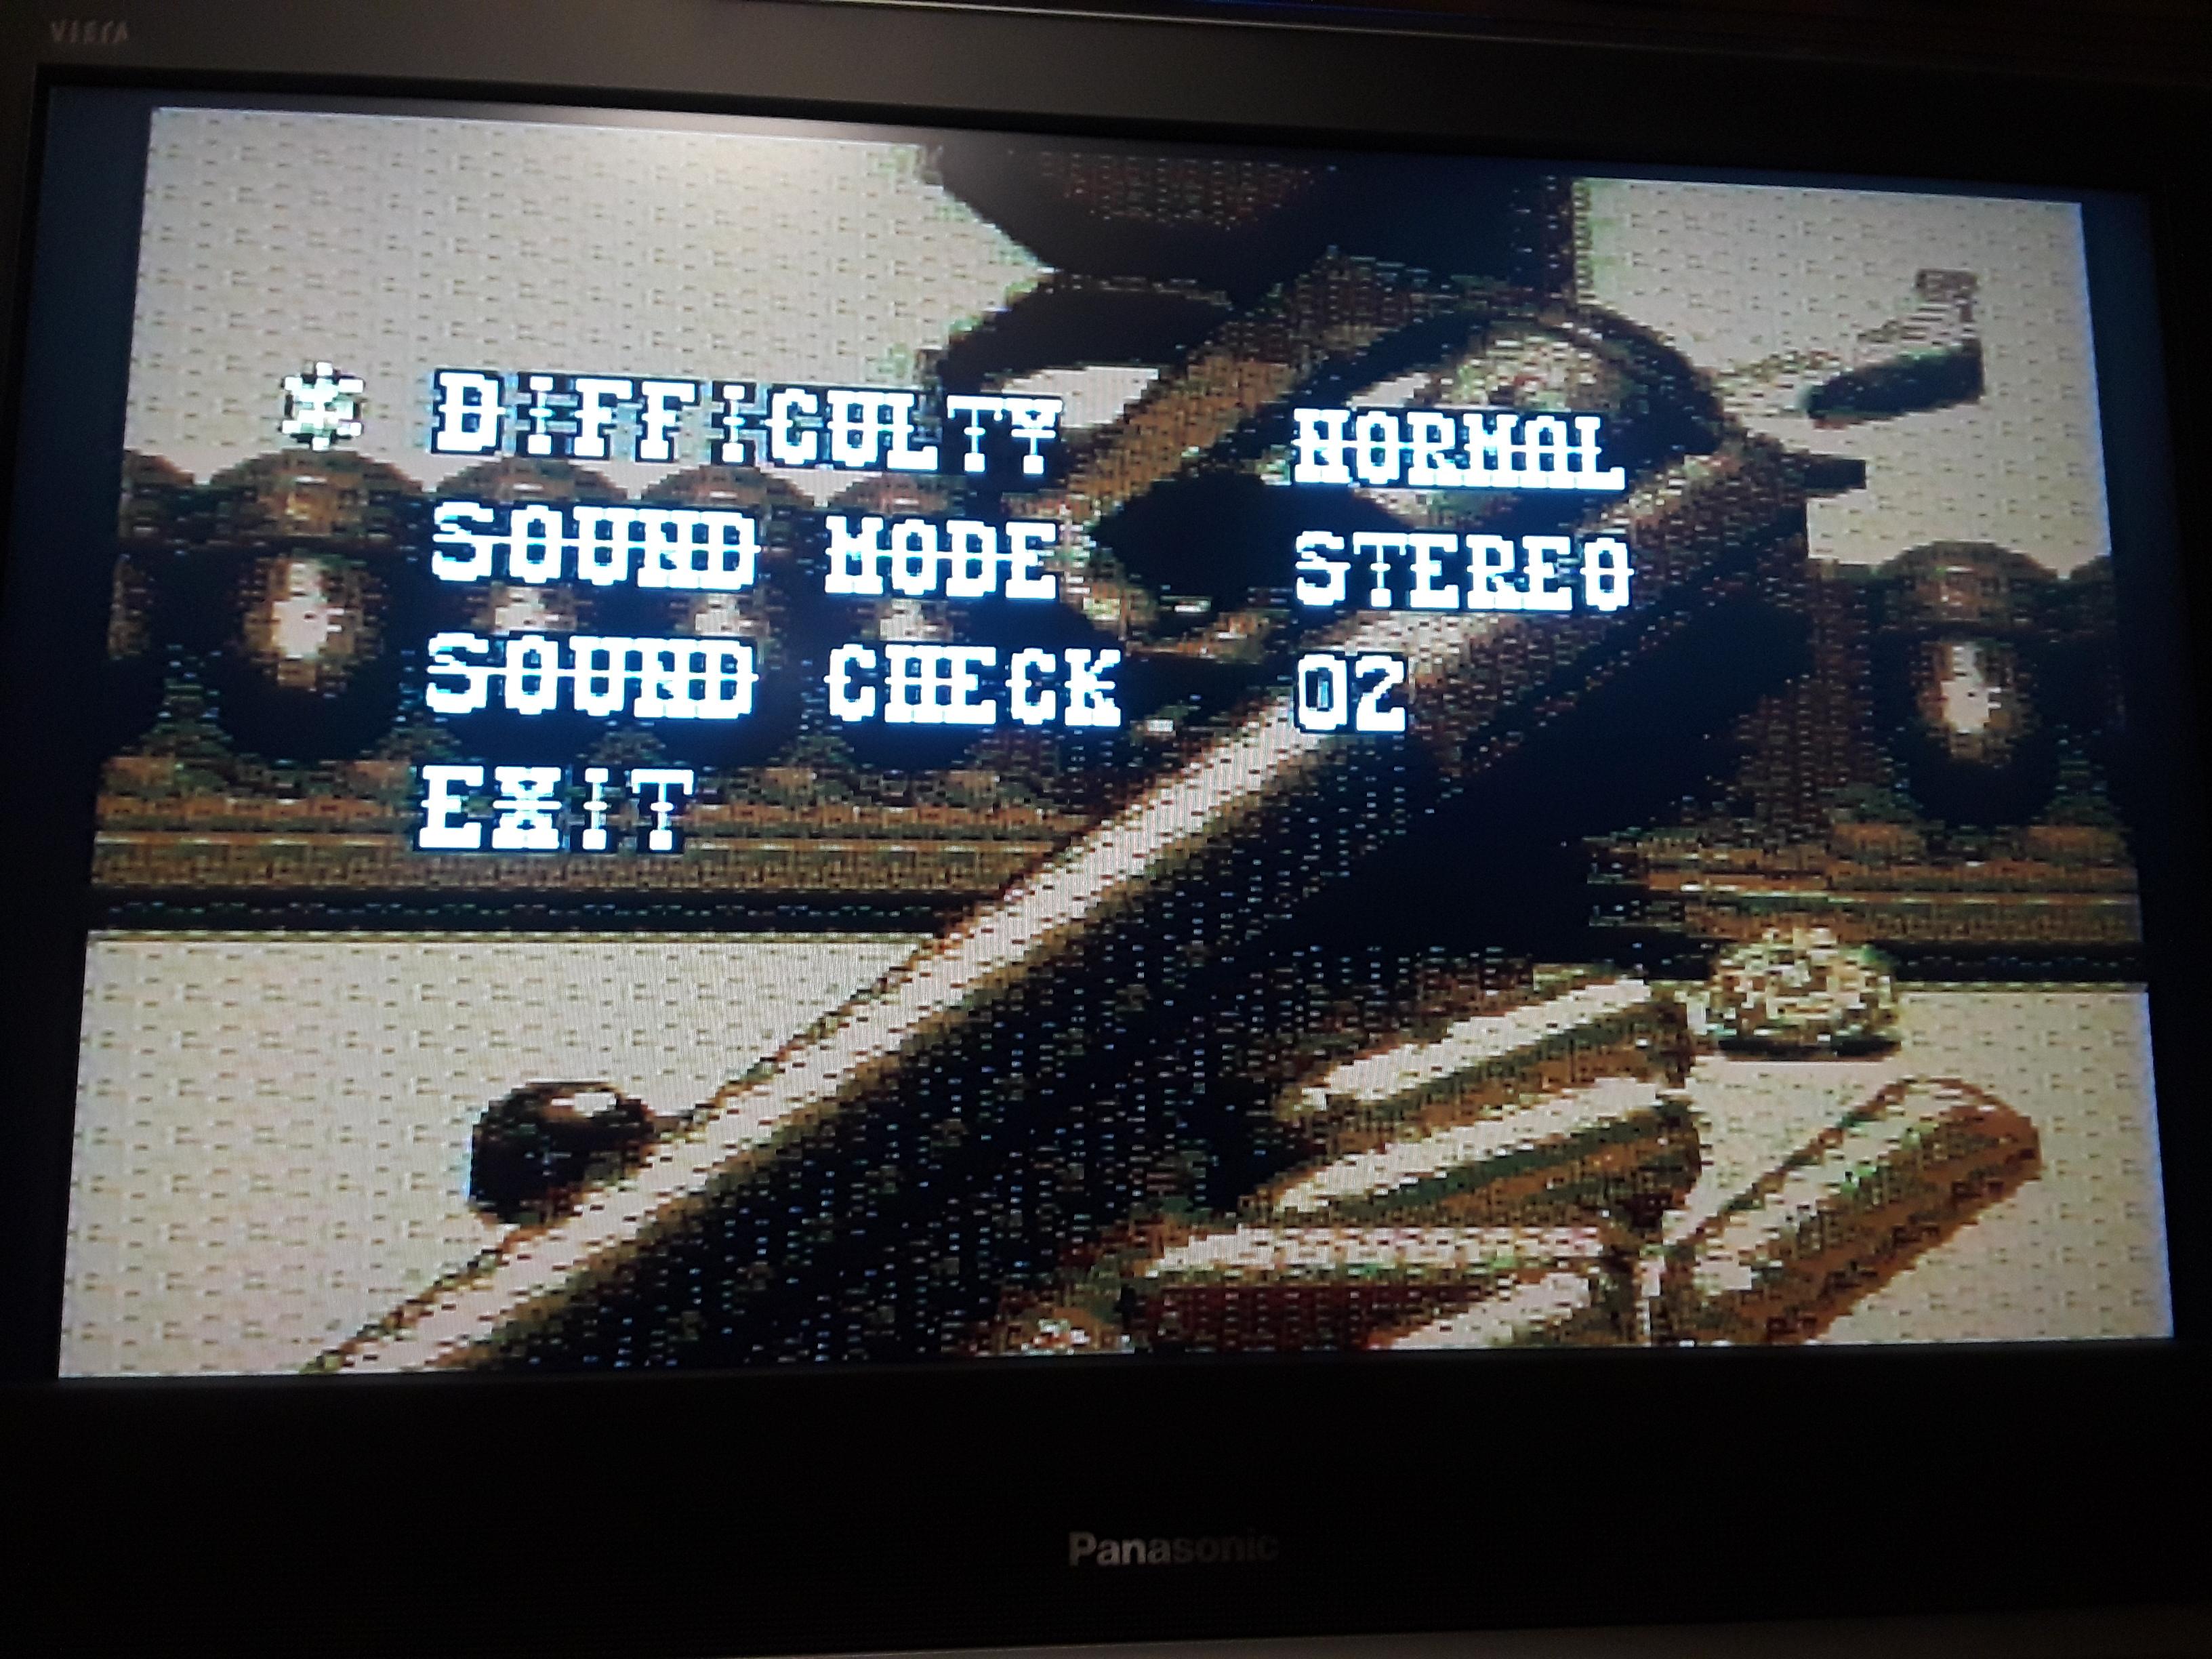 JML101582: Lethal Enforcers II: Gun Fighters [Normal] (Sega Genesis / MegaDrive Emulated) 270 points on 2019-02-23 20:03:03